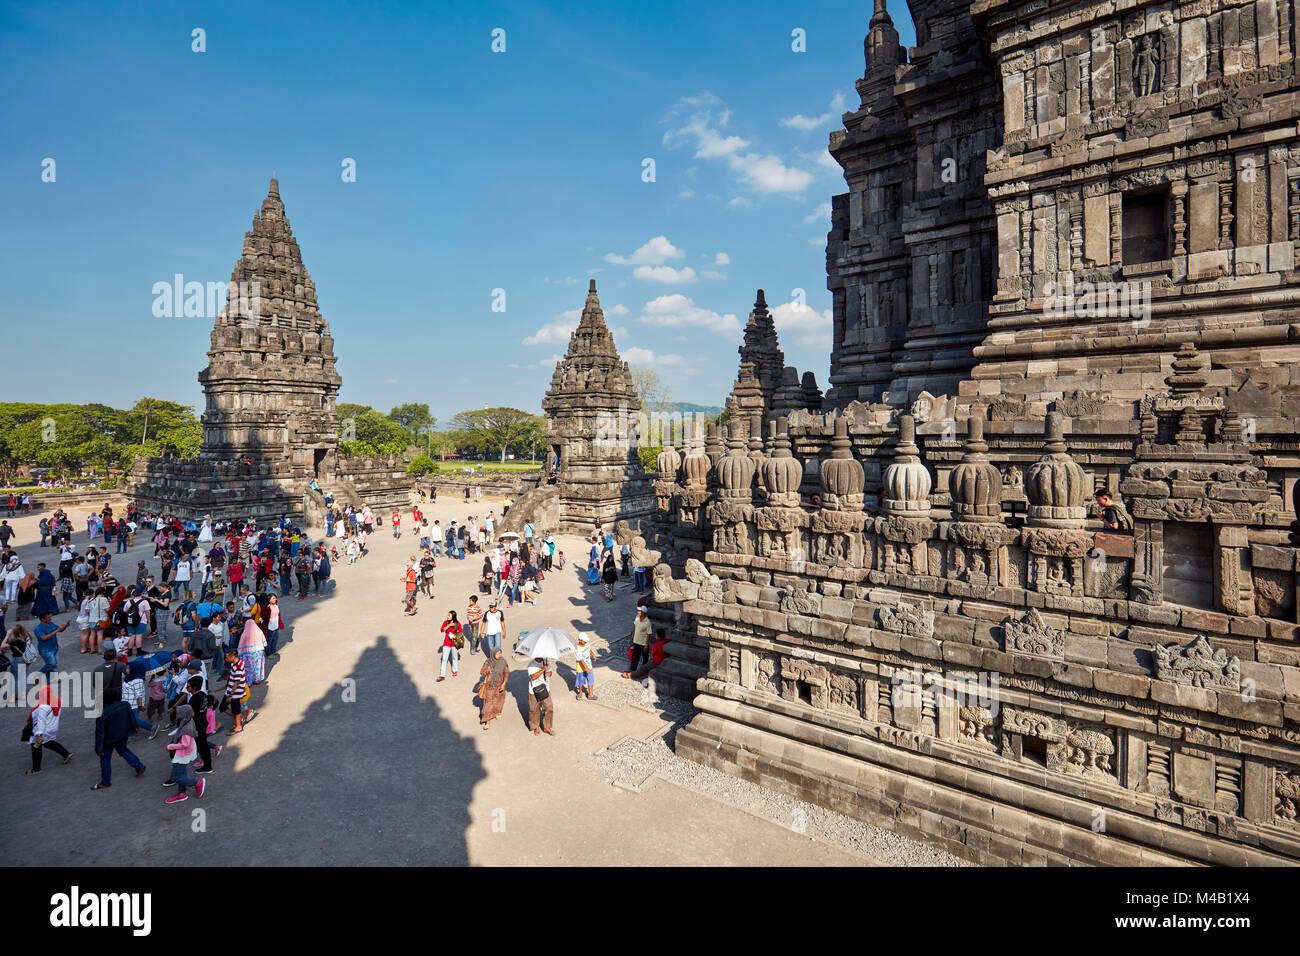 Los turistas en el templo hindú Prambanan compuesto. La región especial de Yogyakarta, en Java, Indonesia. Imagen De Stock